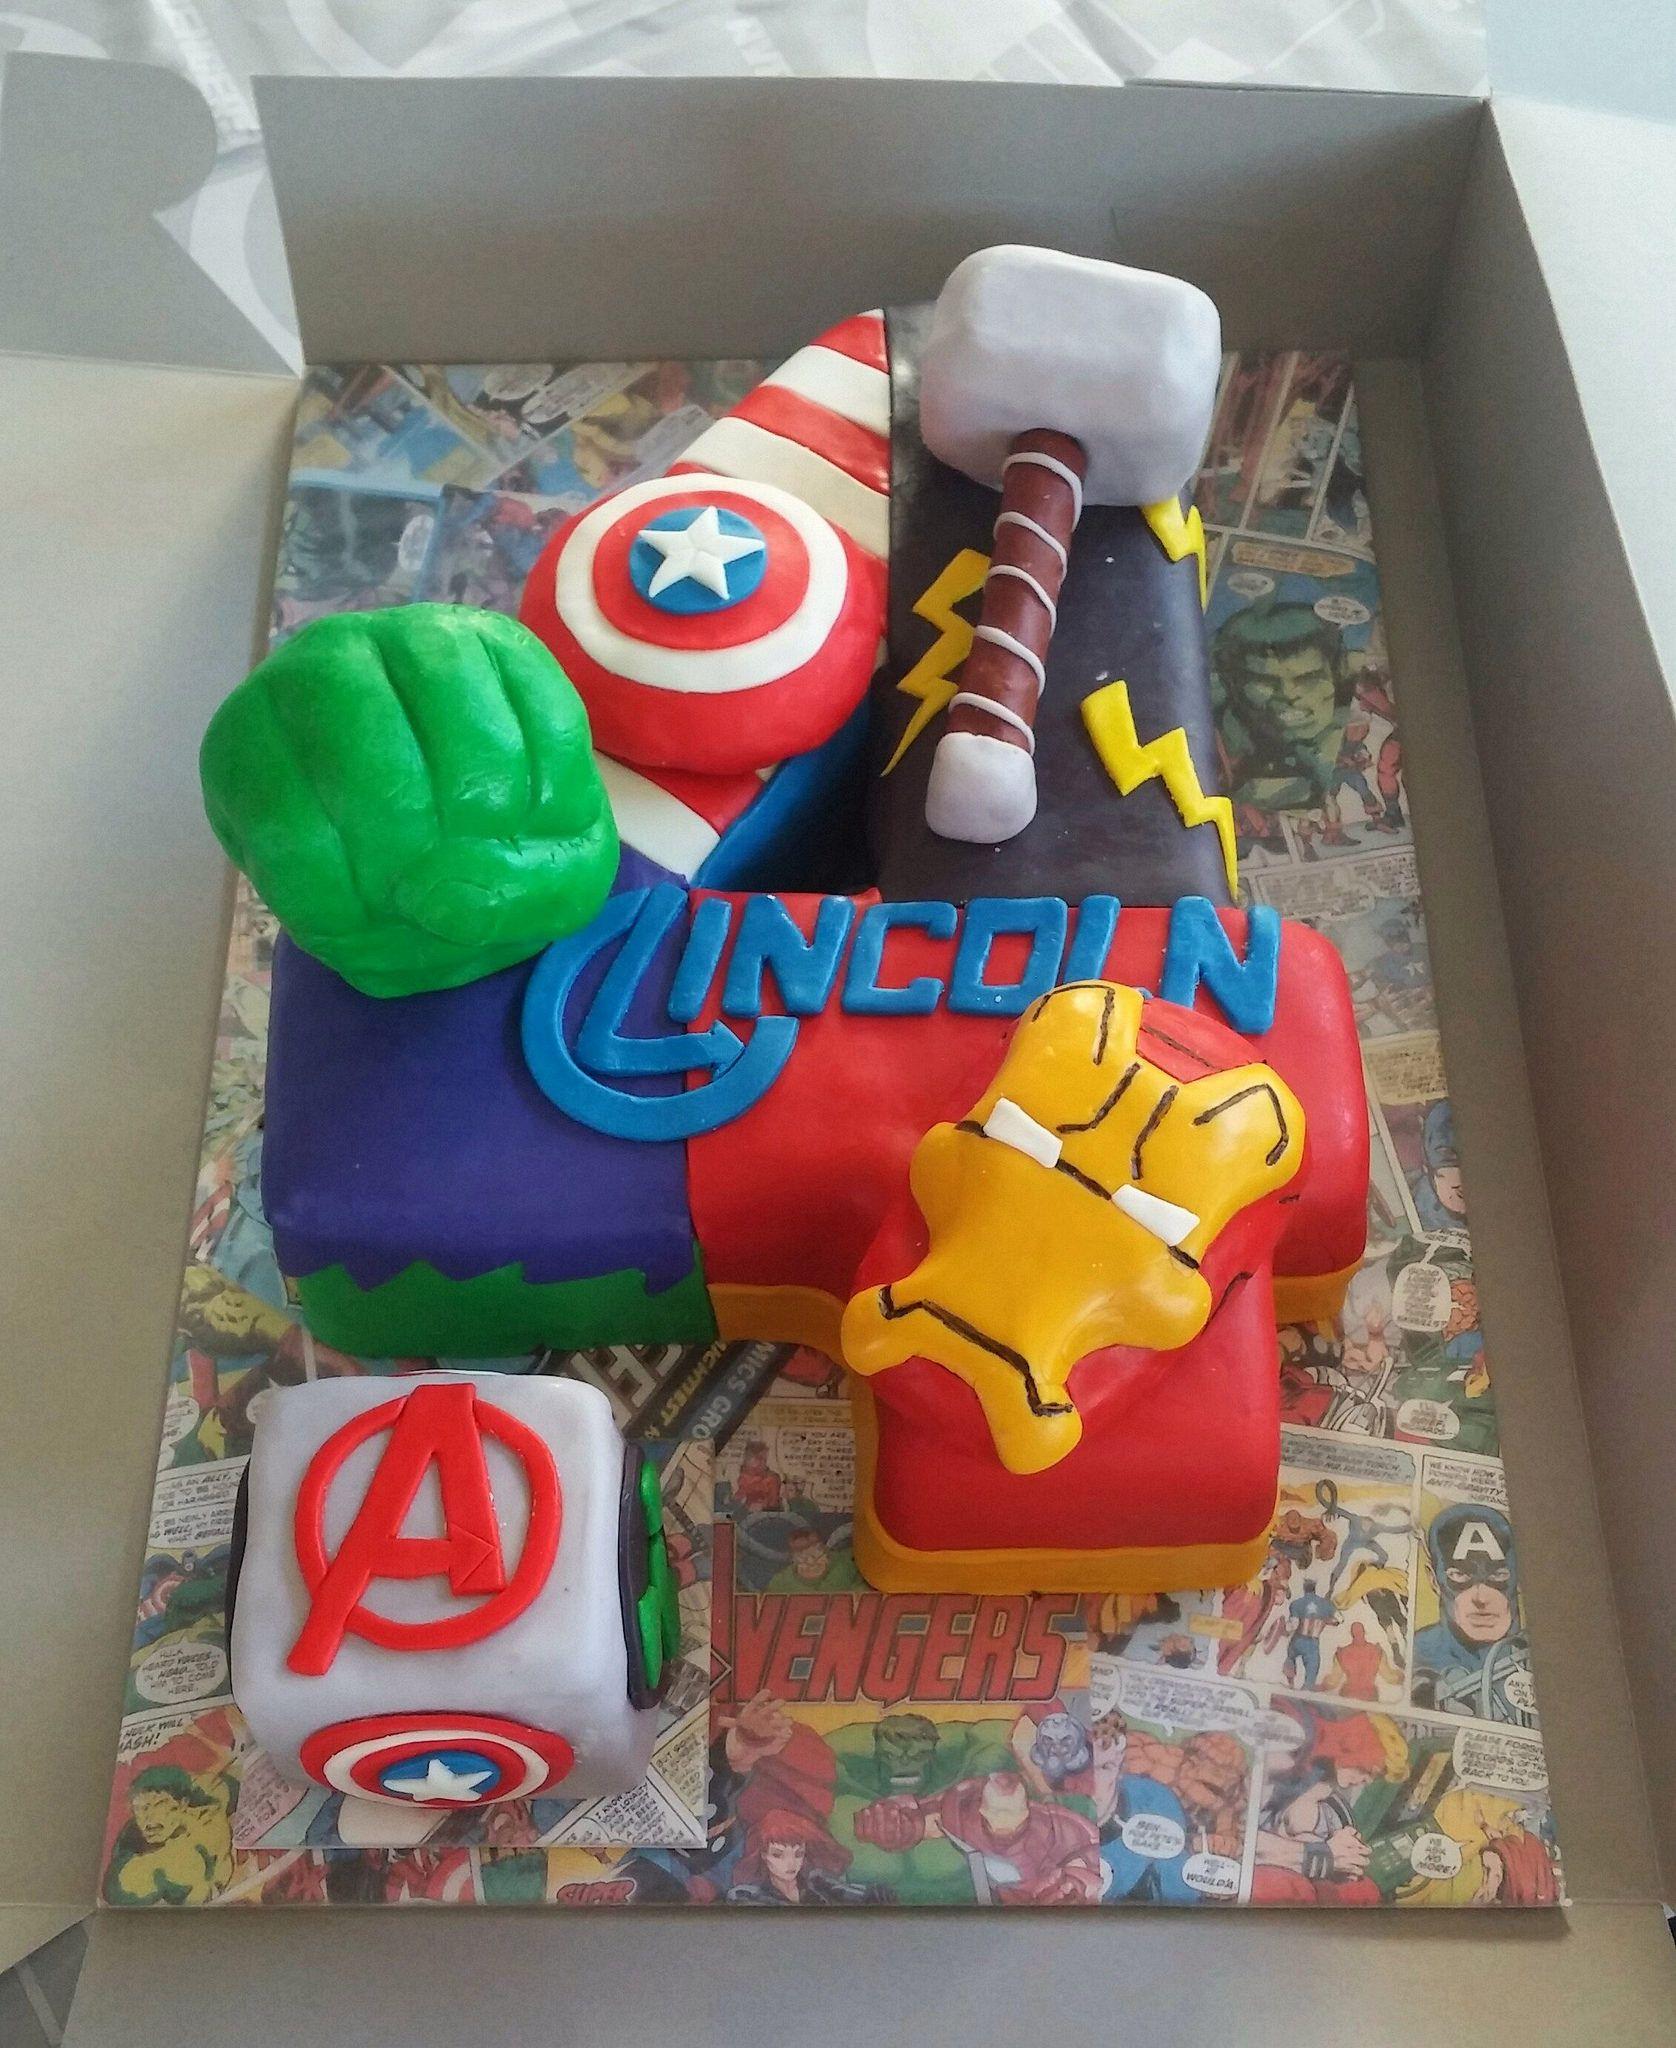 Https Flic Kr P Aedwsi Avengers Cake With Images Avenger